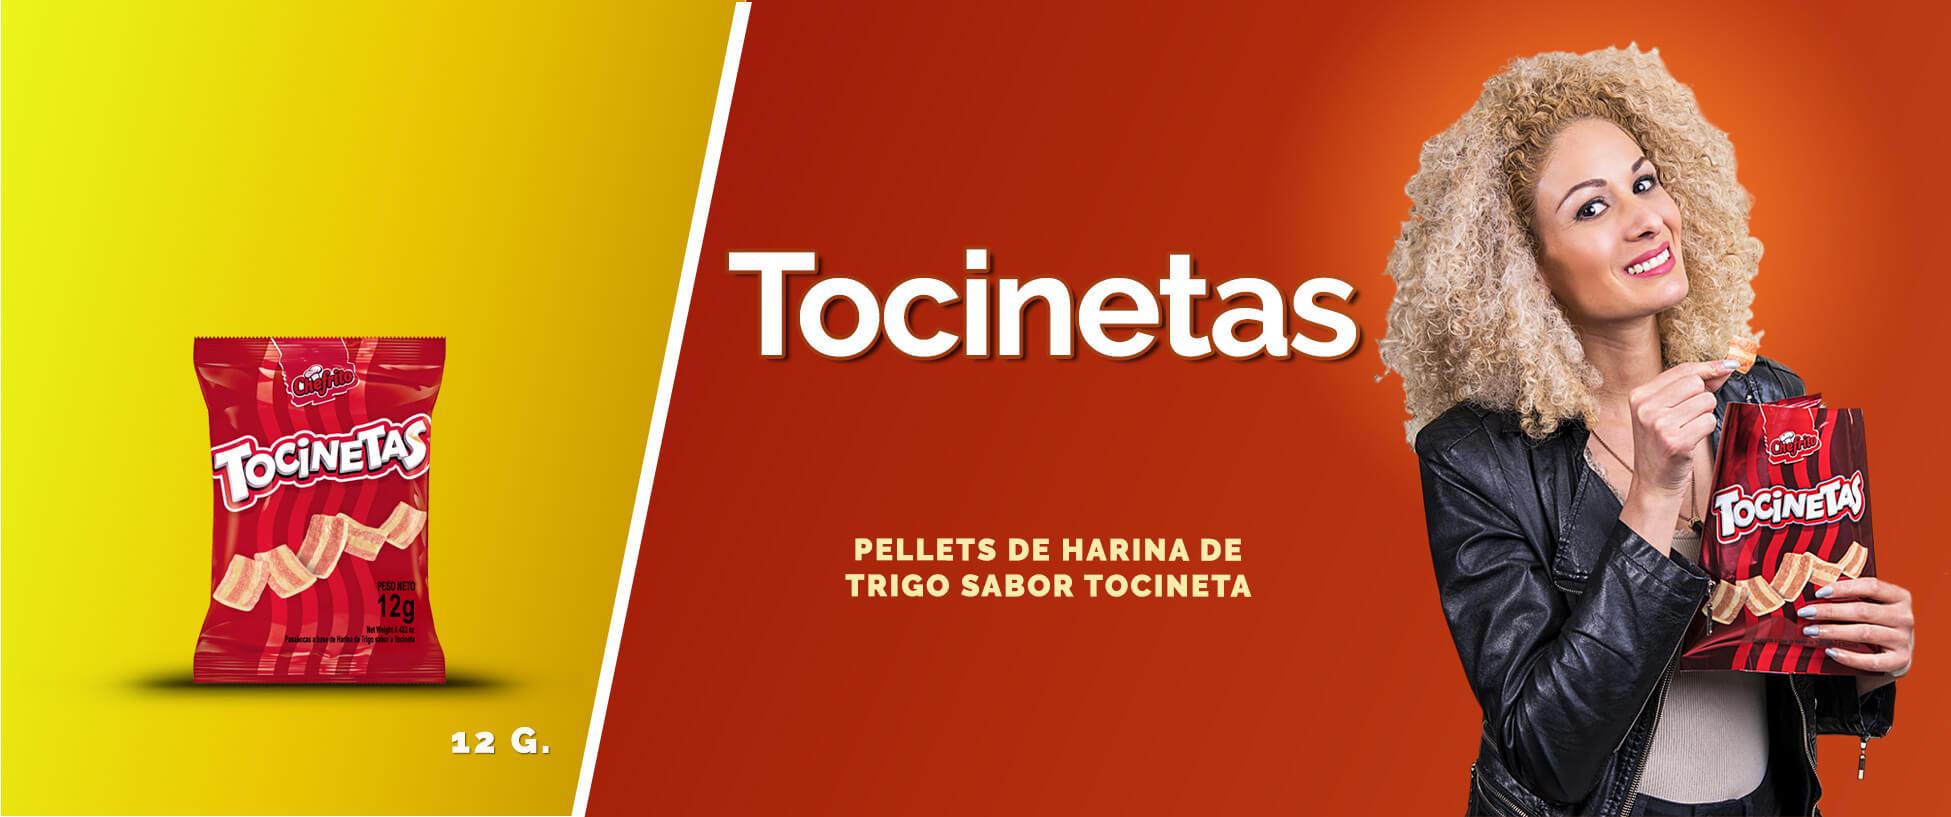 Tocinetas 1